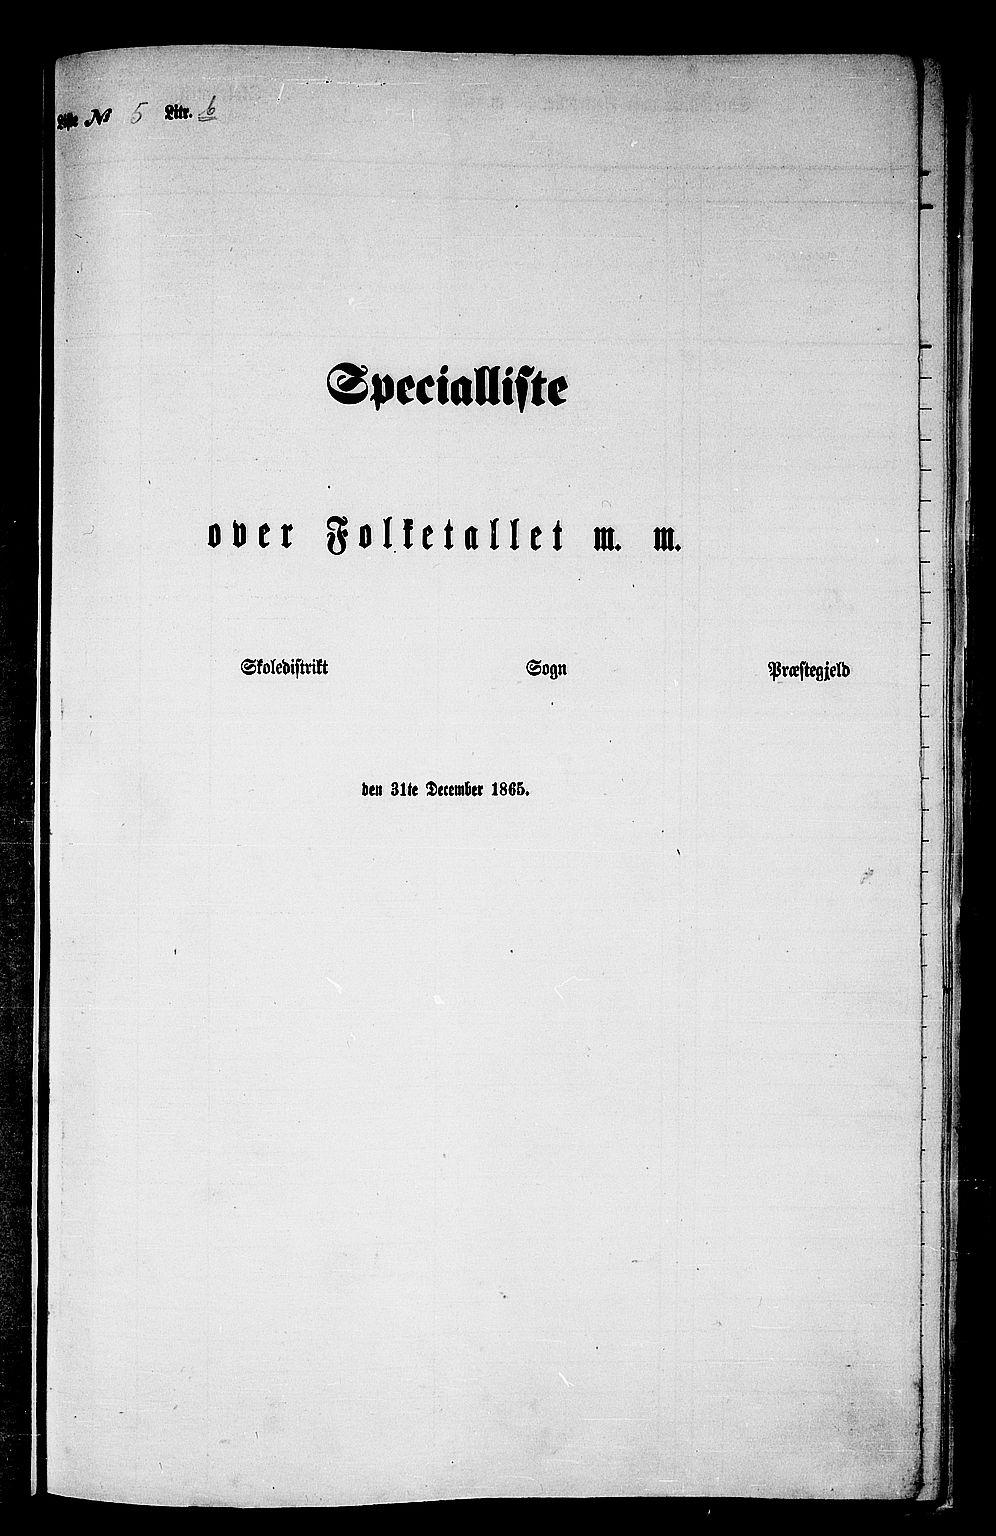 RA, Folketelling 1865 for 1543P Nesset prestegjeld, 1865, s. 109